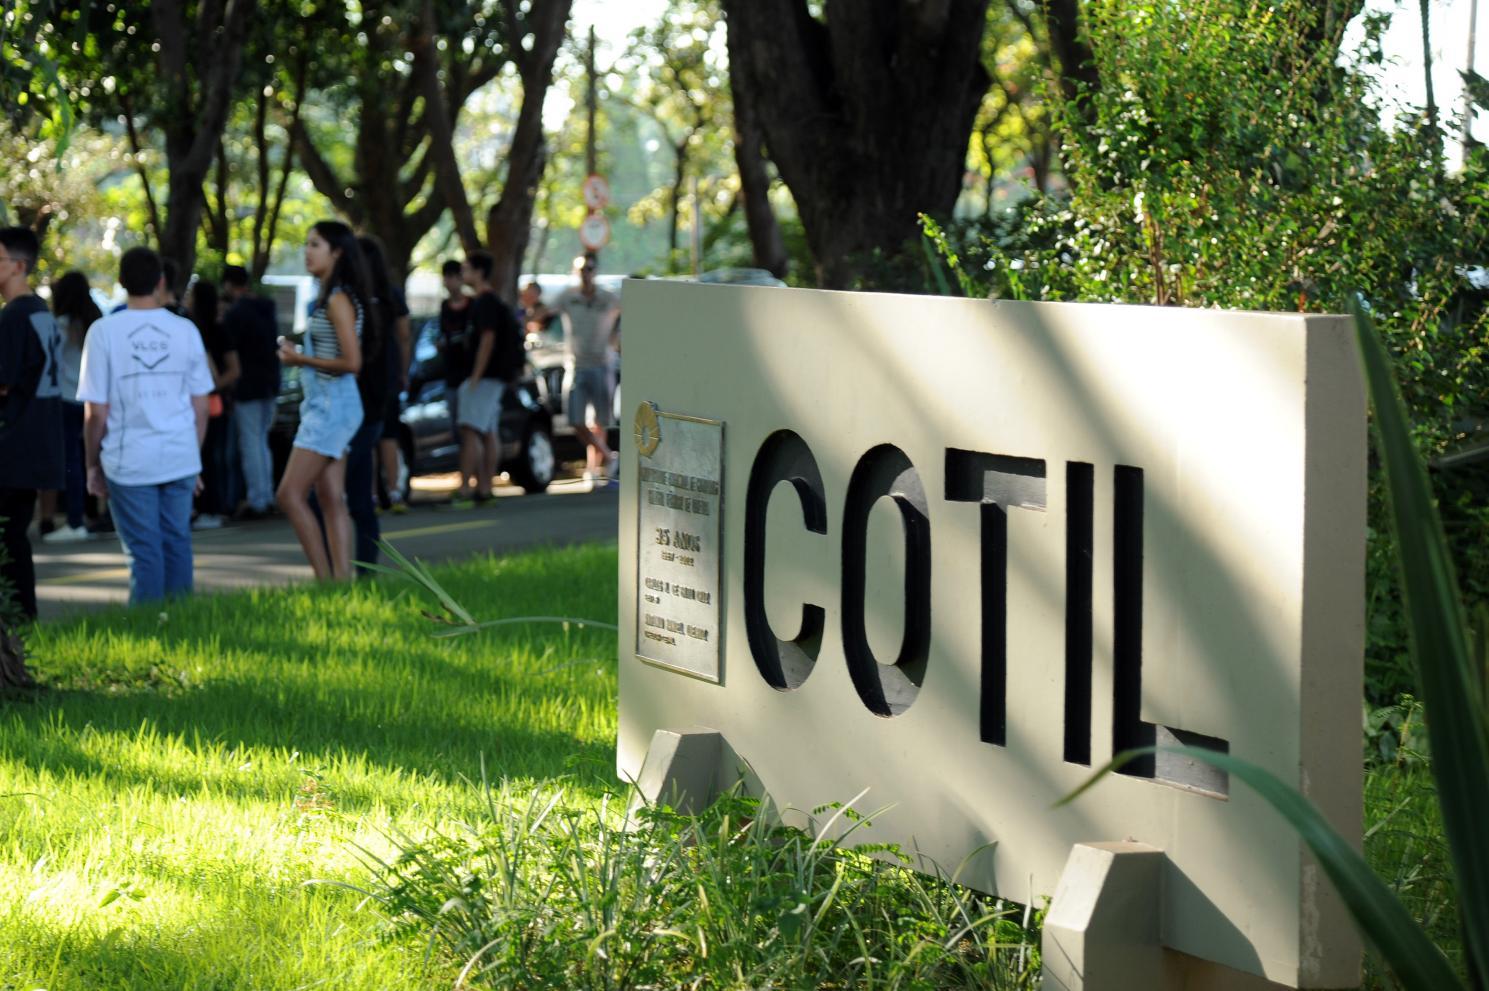 Cotil realiza concurso público para contratar professores temporários